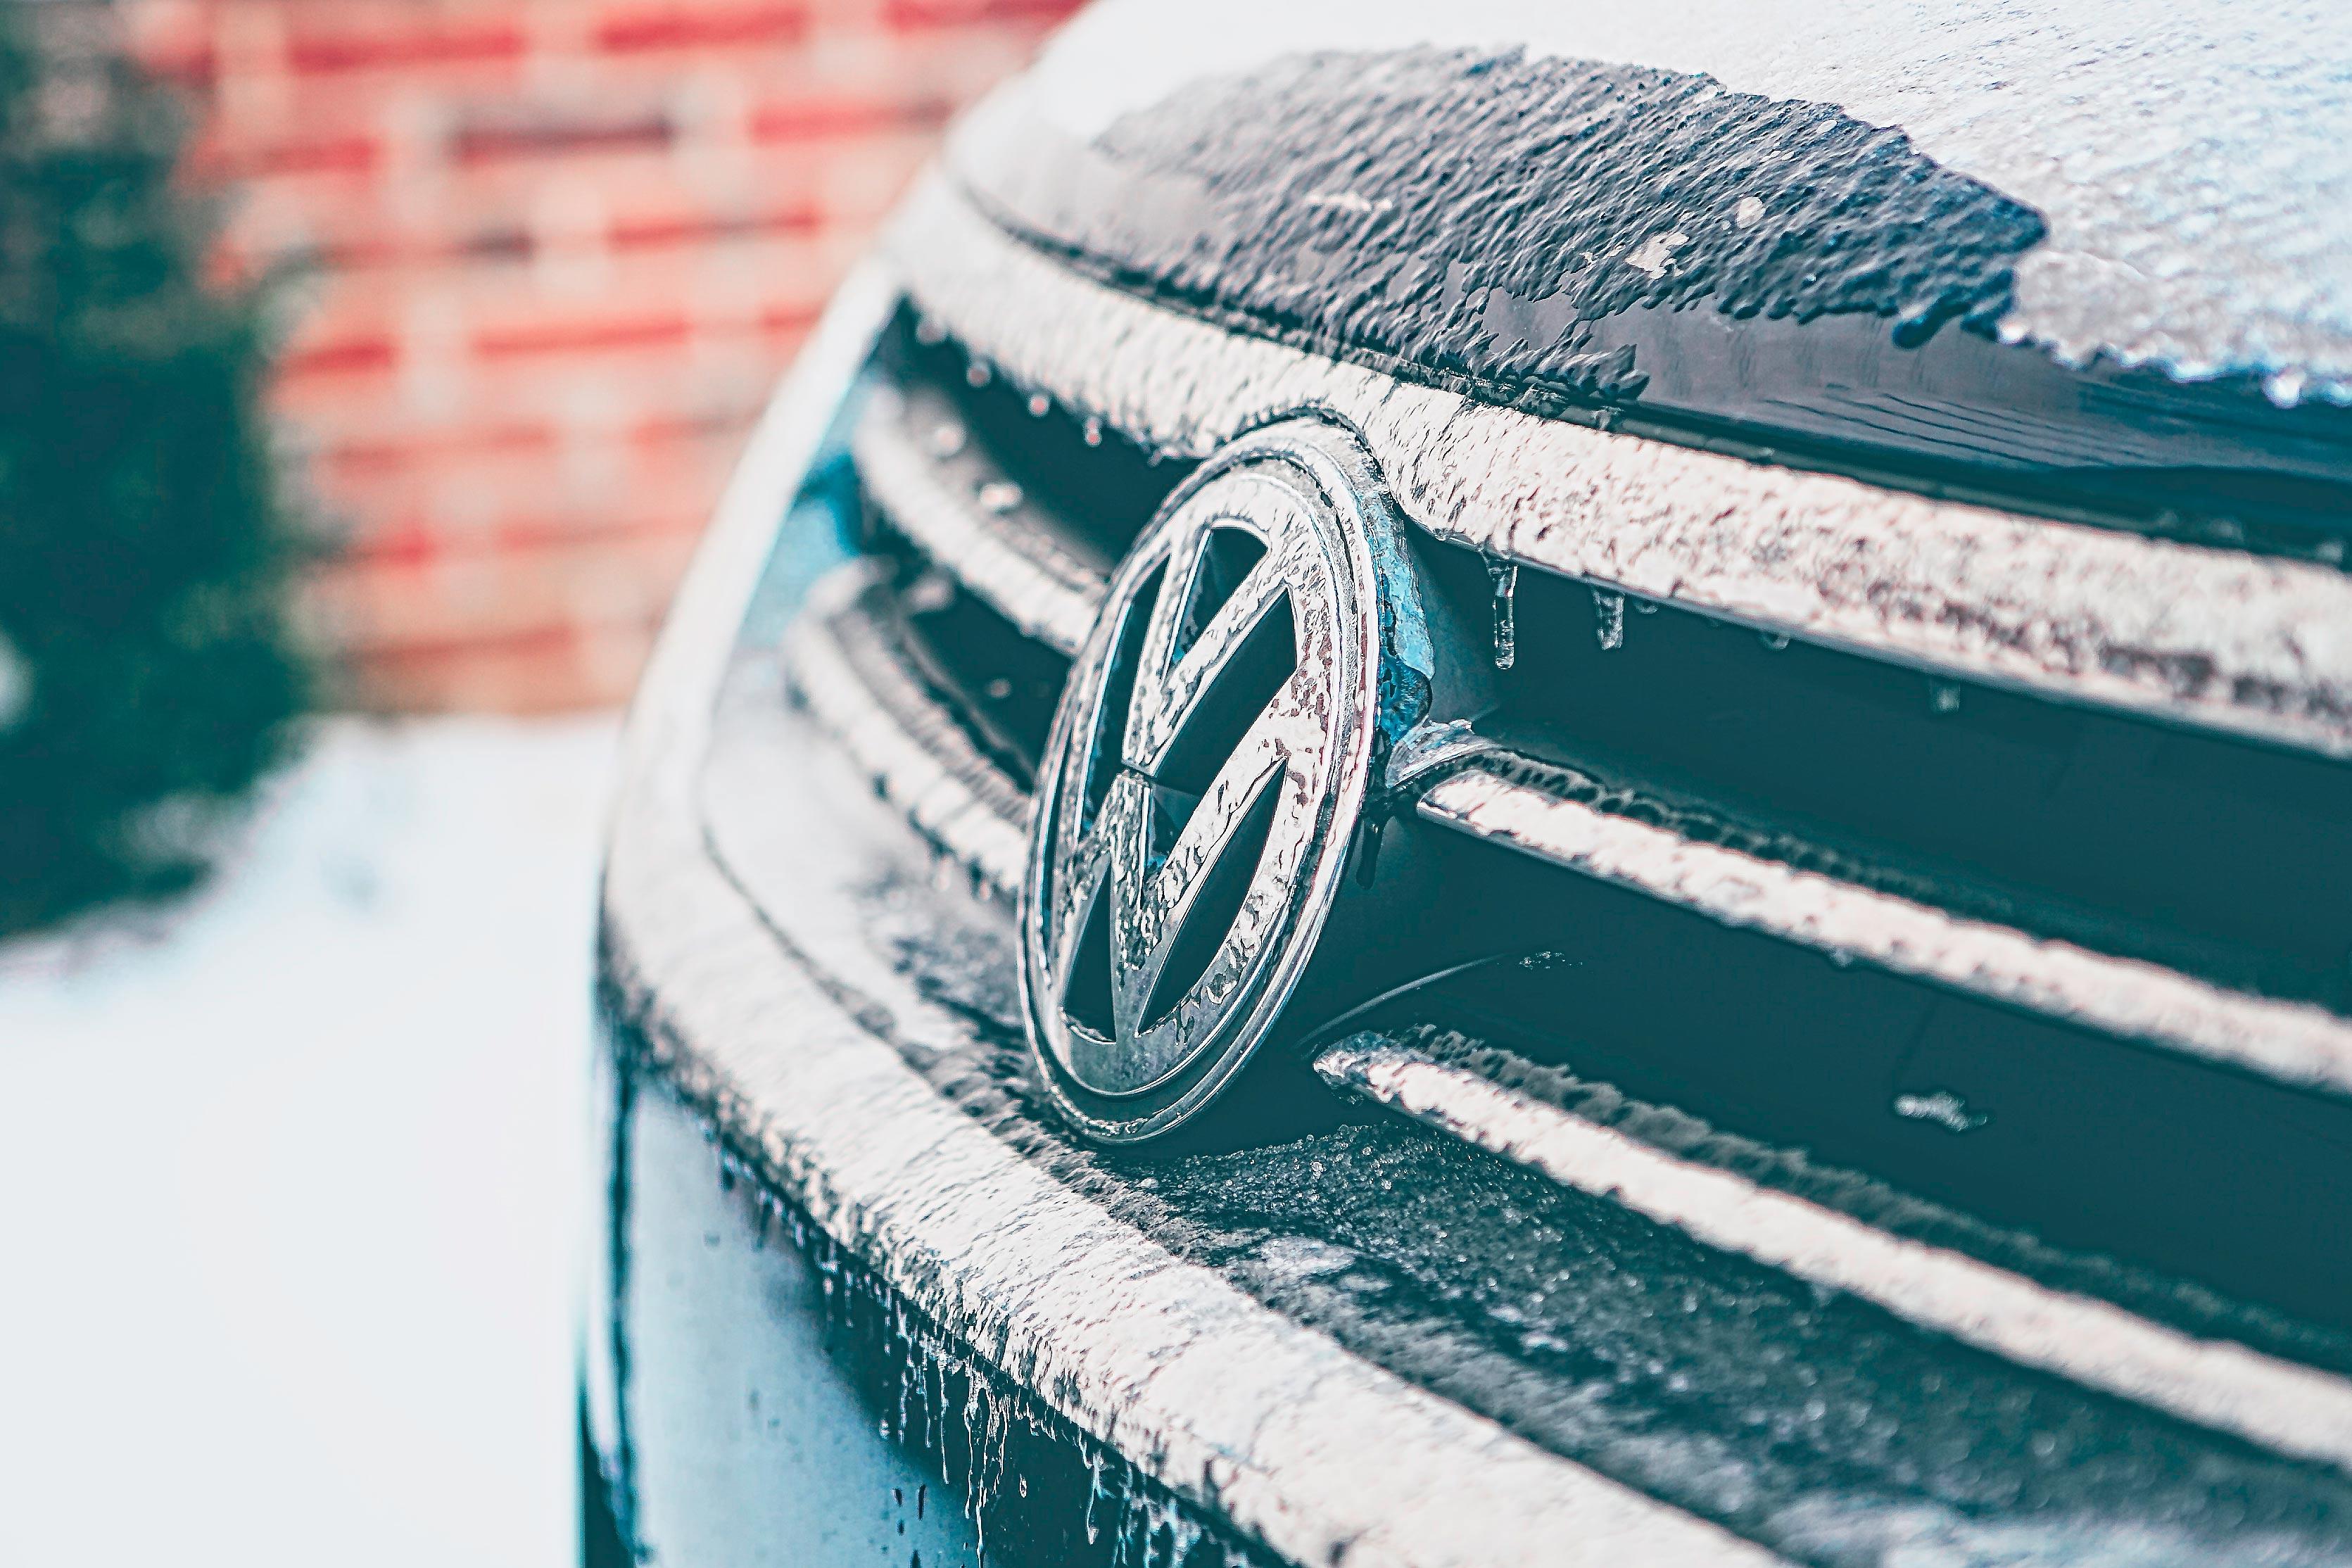 Wintercheck für Ihr Auto. Lassen Sie Ihren Wagen vor dem Winter prüfen.